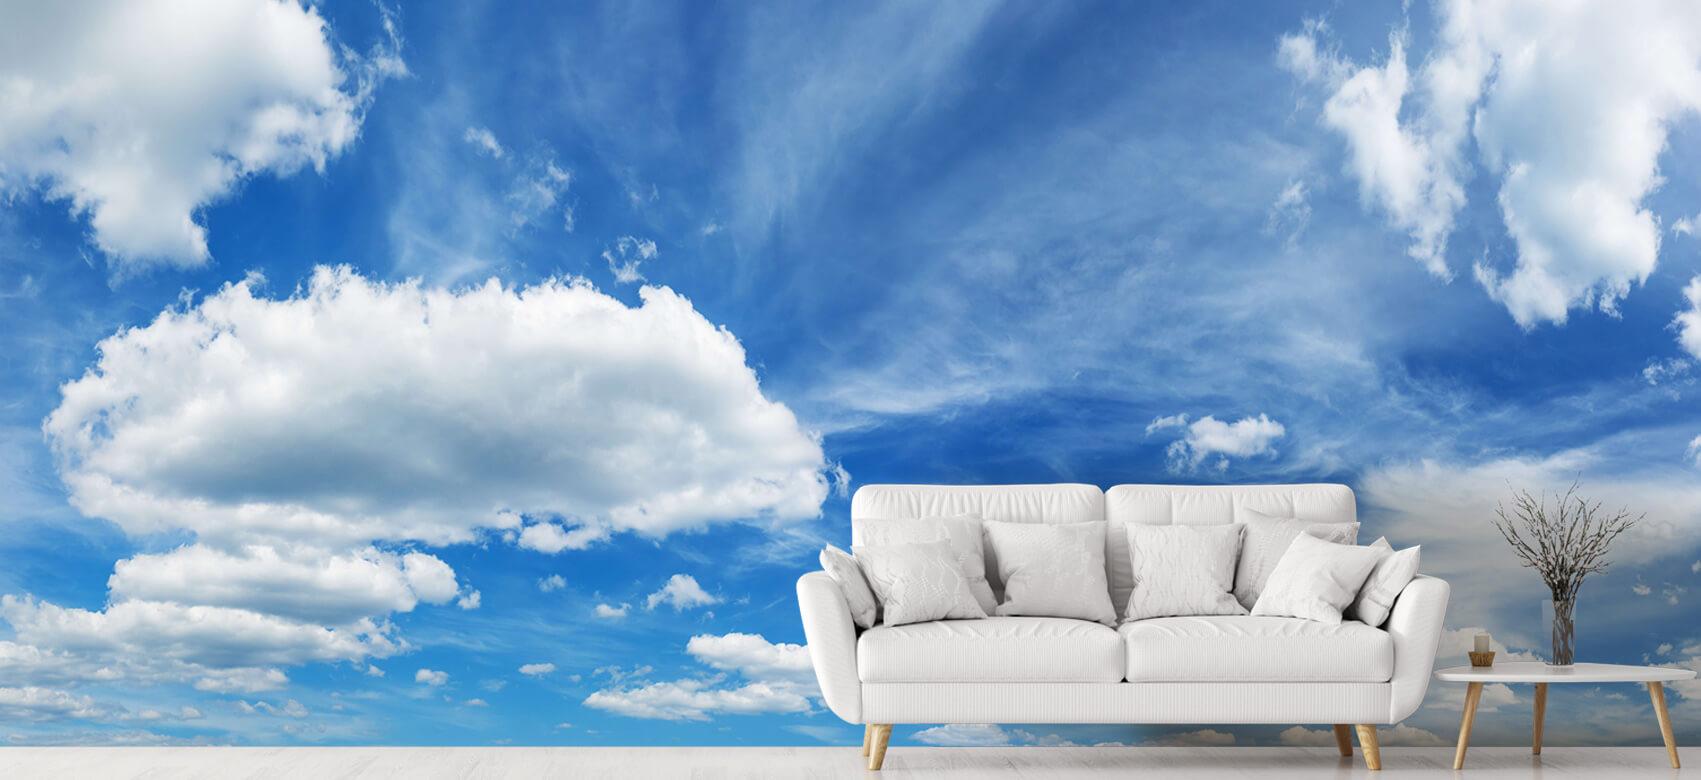 Natuur Blauwe lucht met wolken 6